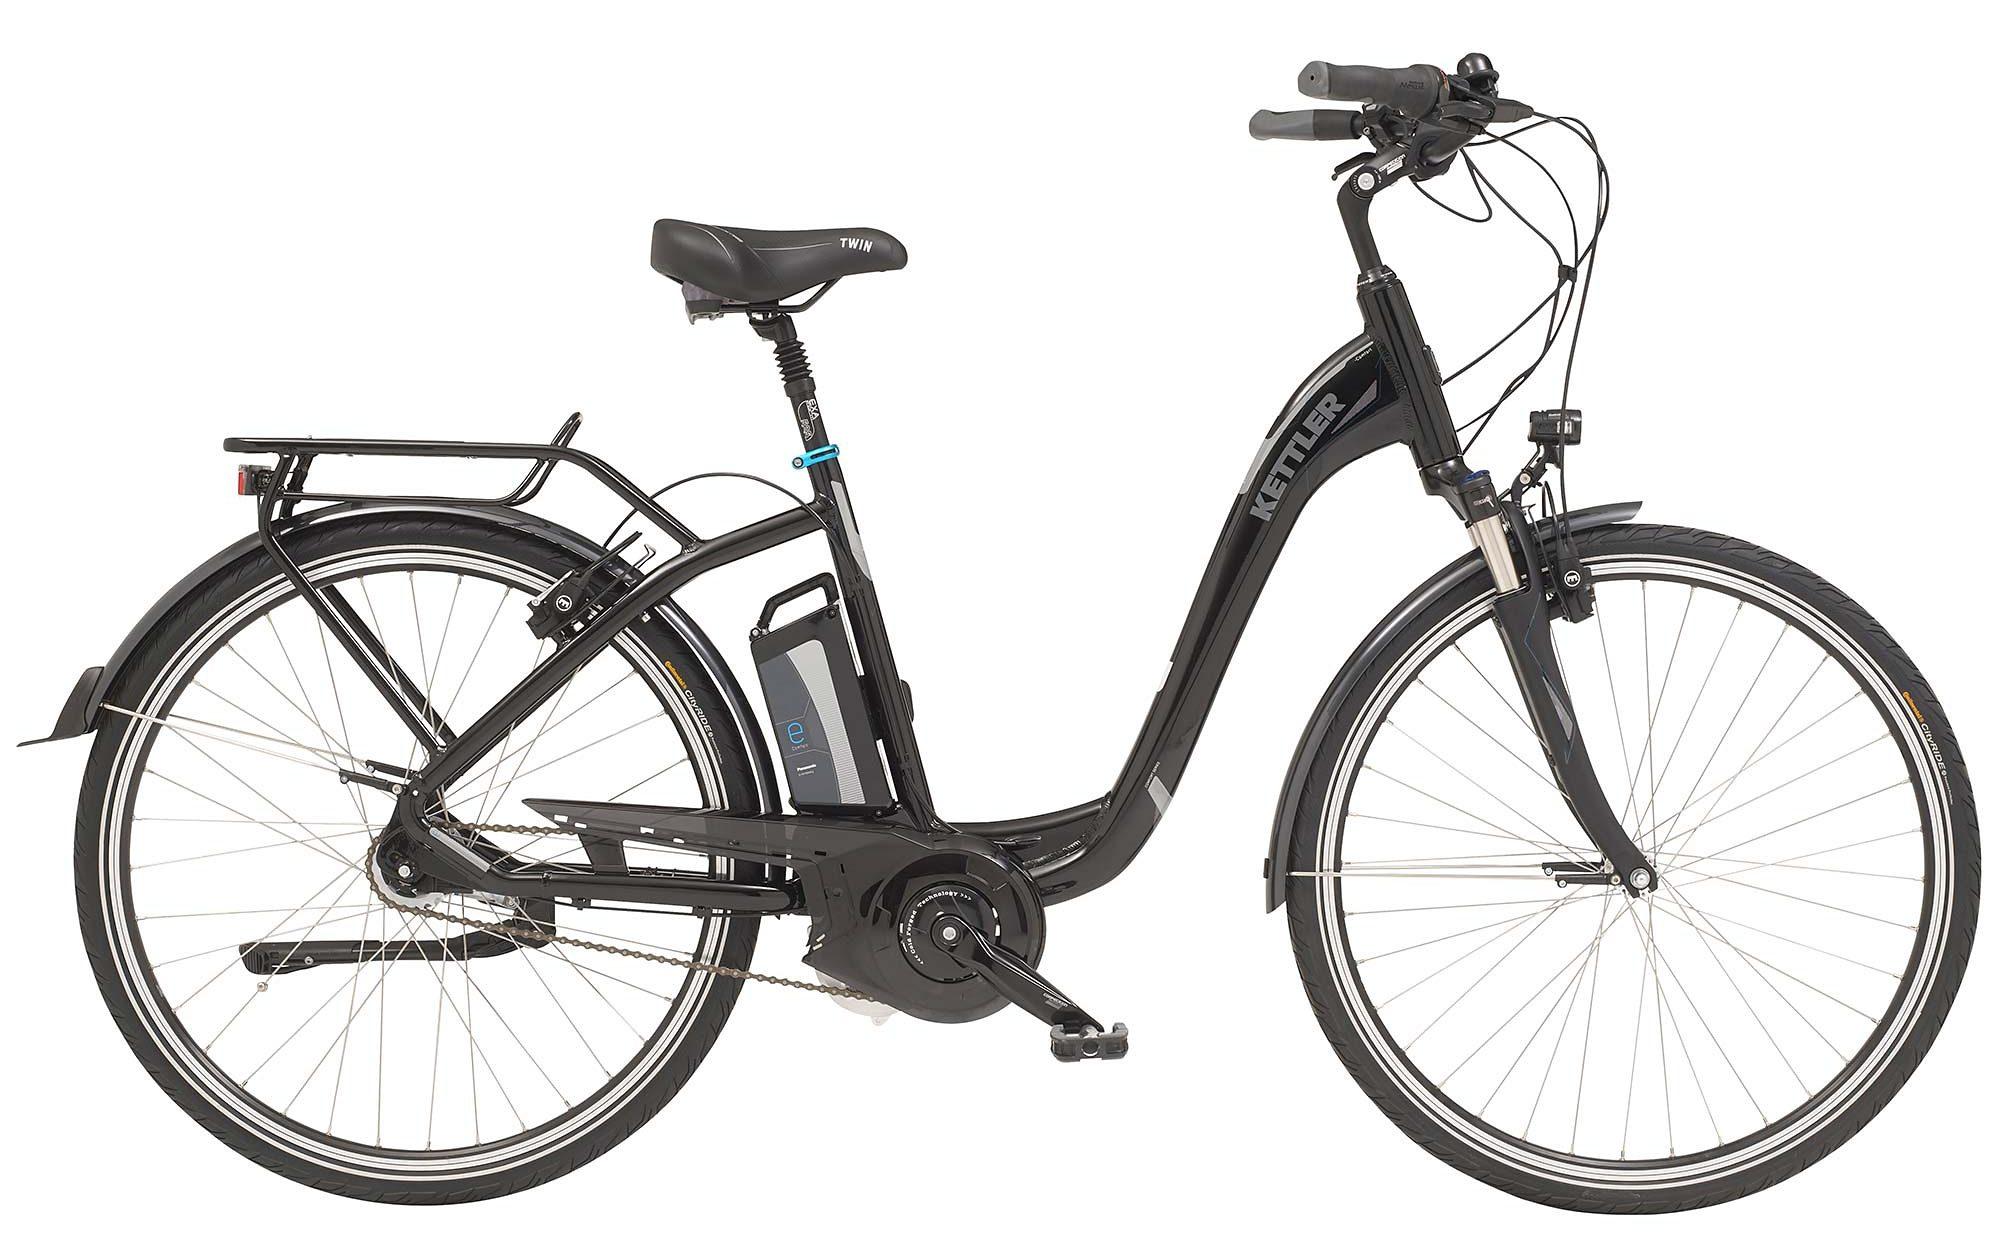 Kettler E-City-Bike, Damen, 26-Zoll, 7 Gang Shimano, Freilauf, 12 Ah, »Twin«